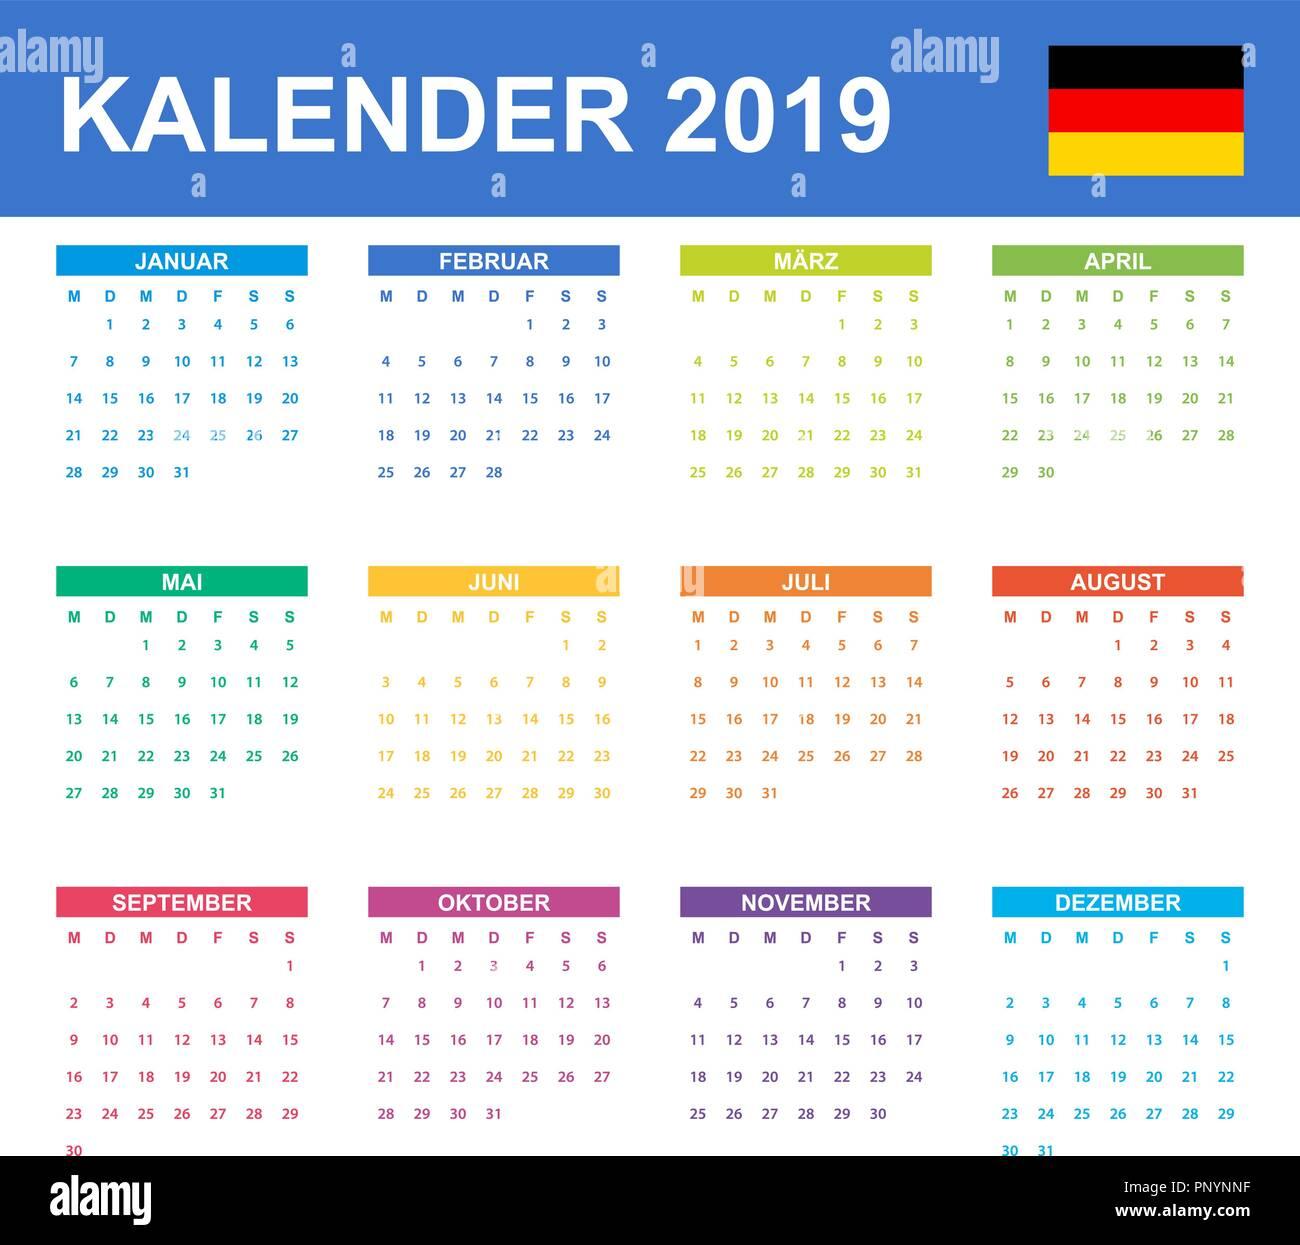 deutscher kalender f r 2019 scheduler agenda oder tagebuch vorlage woche beginnt am montag. Black Bedroom Furniture Sets. Home Design Ideas